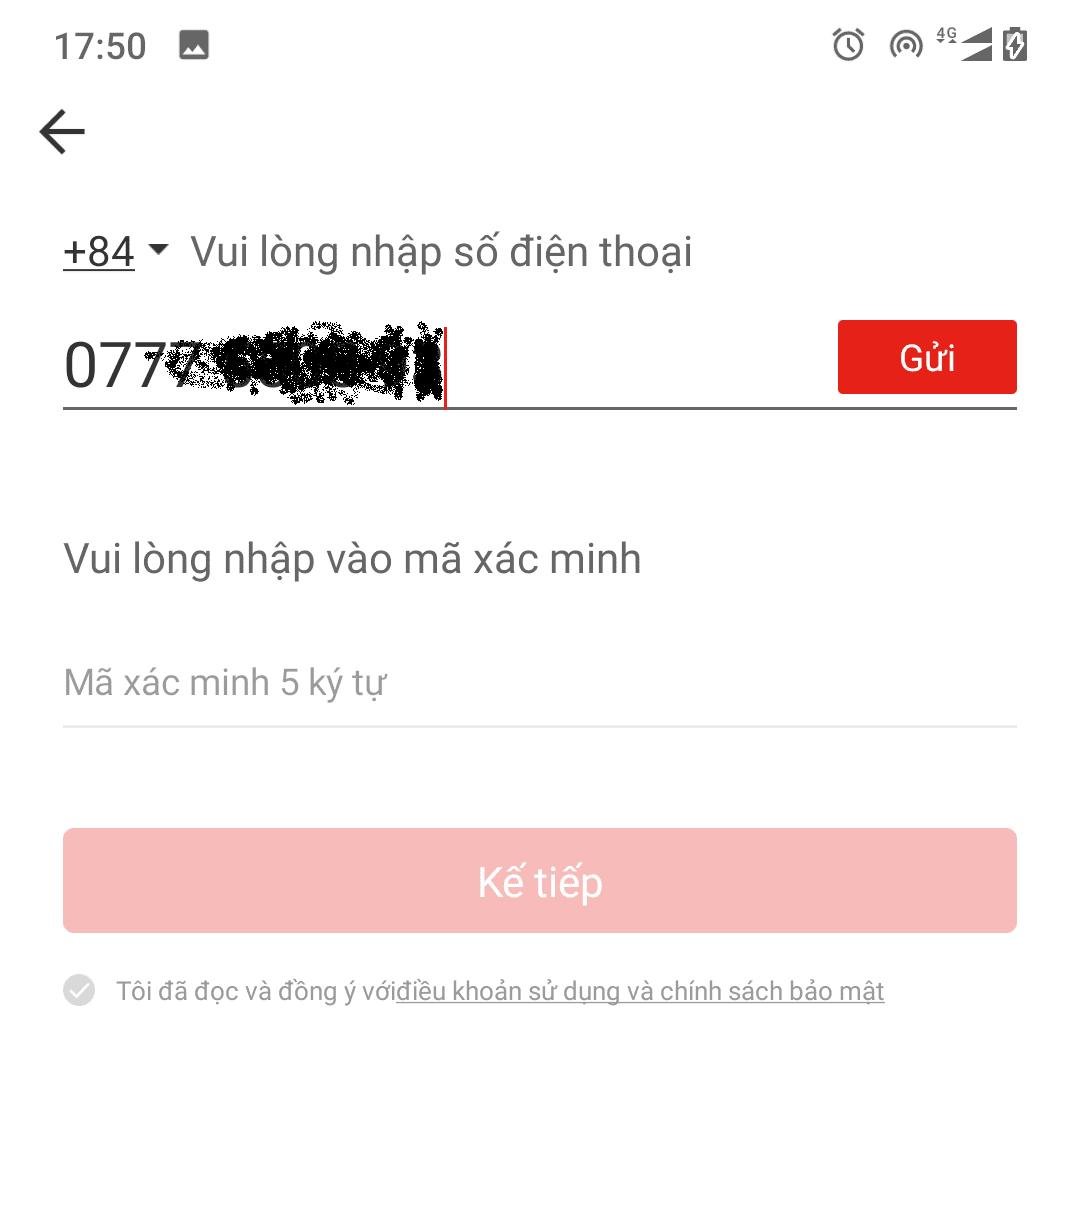 Nhập số điện thoại và bấm gửi để đợi mã xác nhận